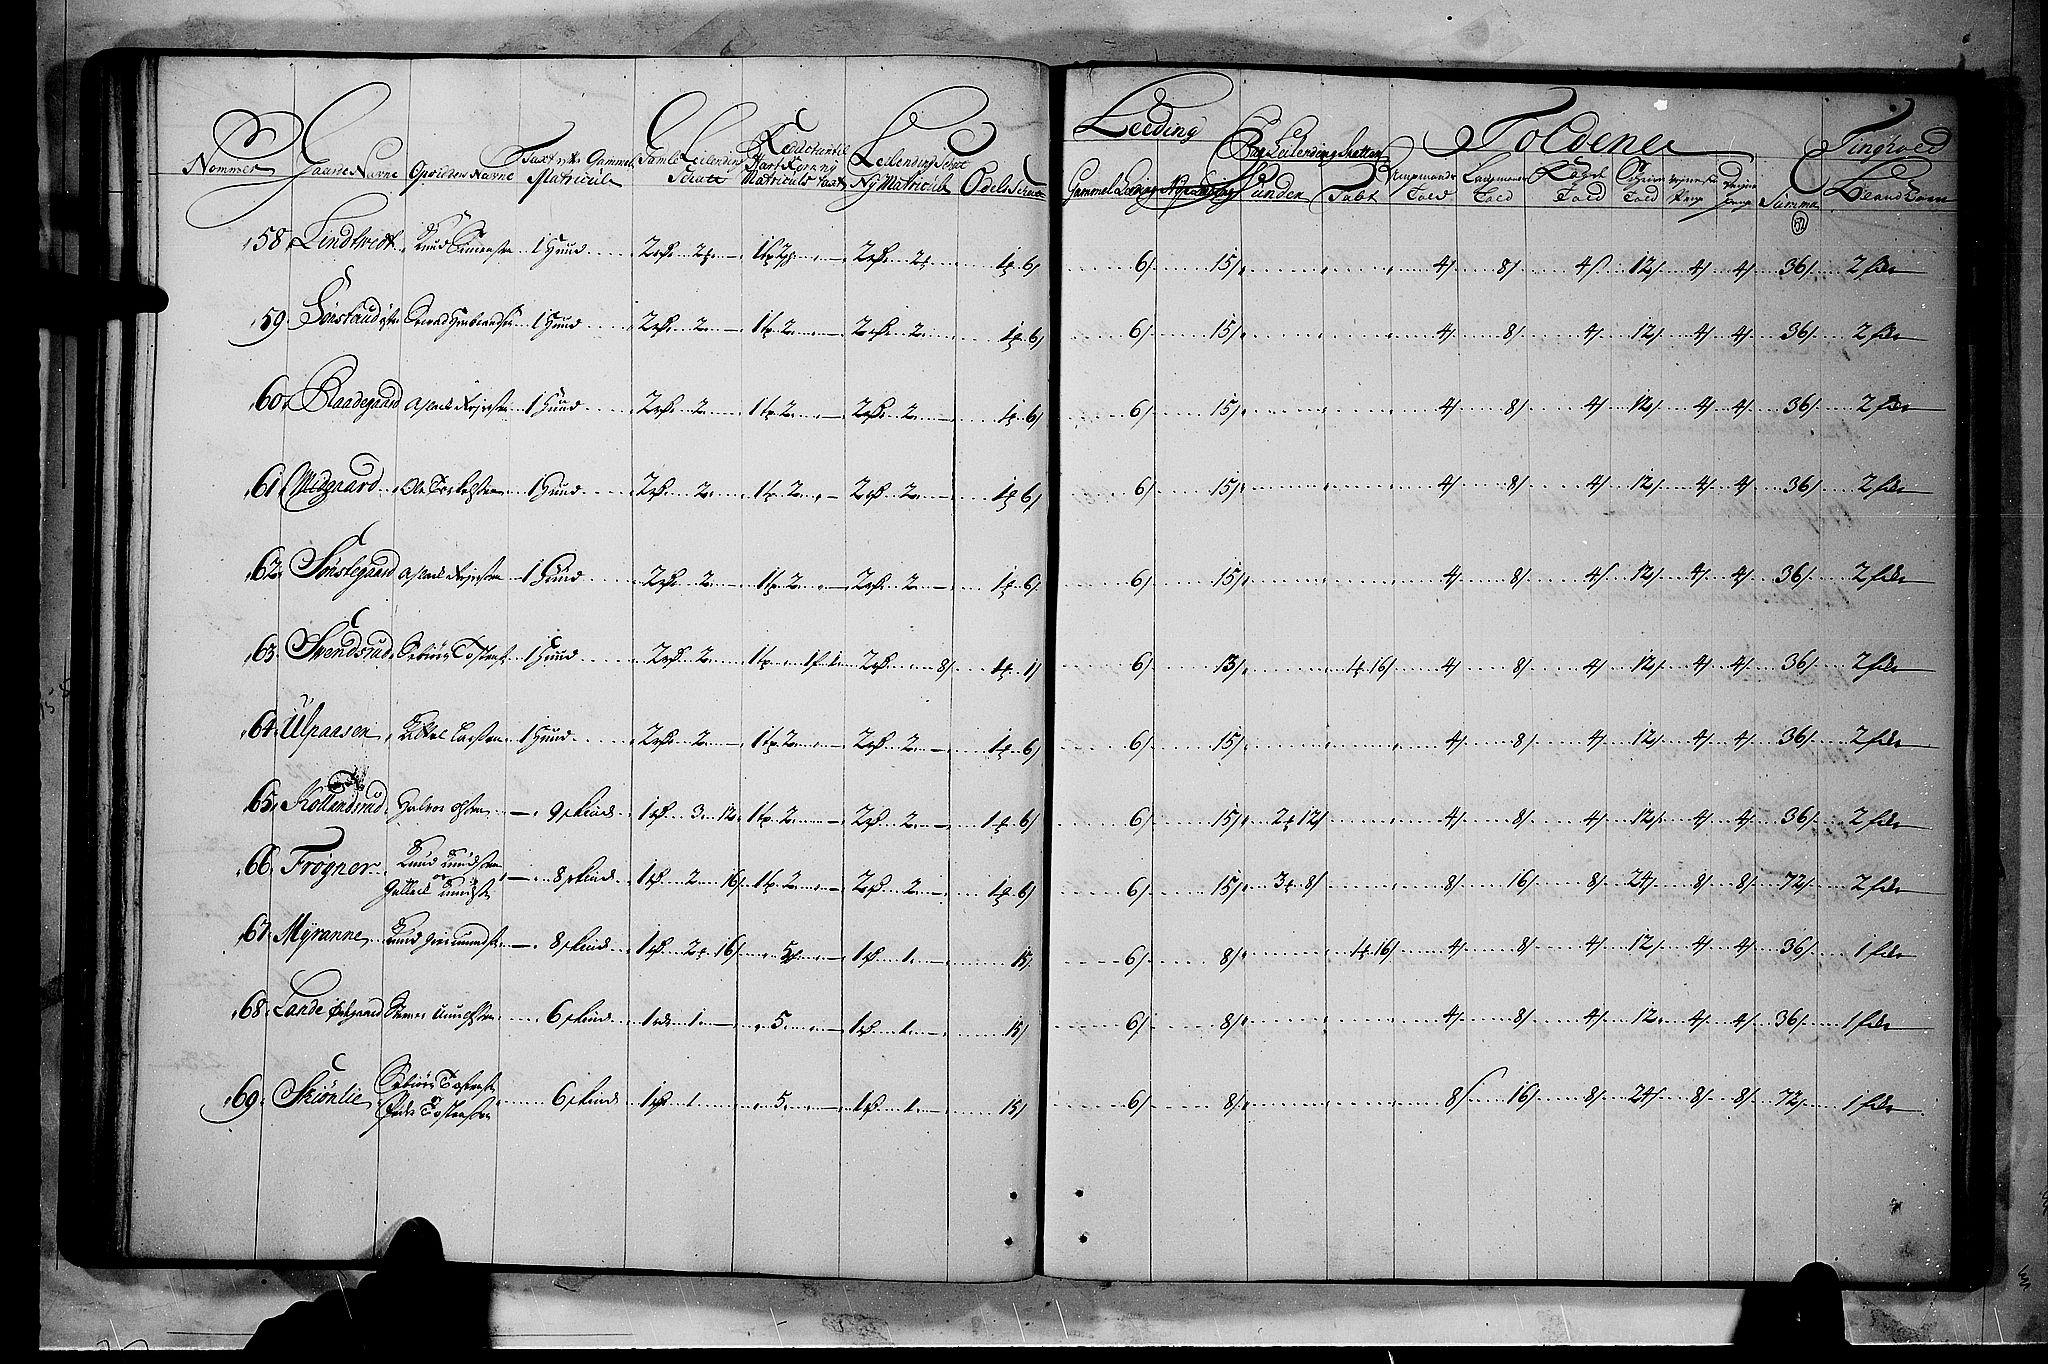 RA, Rentekammeret inntil 1814, Realistisk ordnet avdeling, N/Nb/Nbf/L0114: Numedal og Sandsvær matrikkelprotokoll, 1723, s. 53